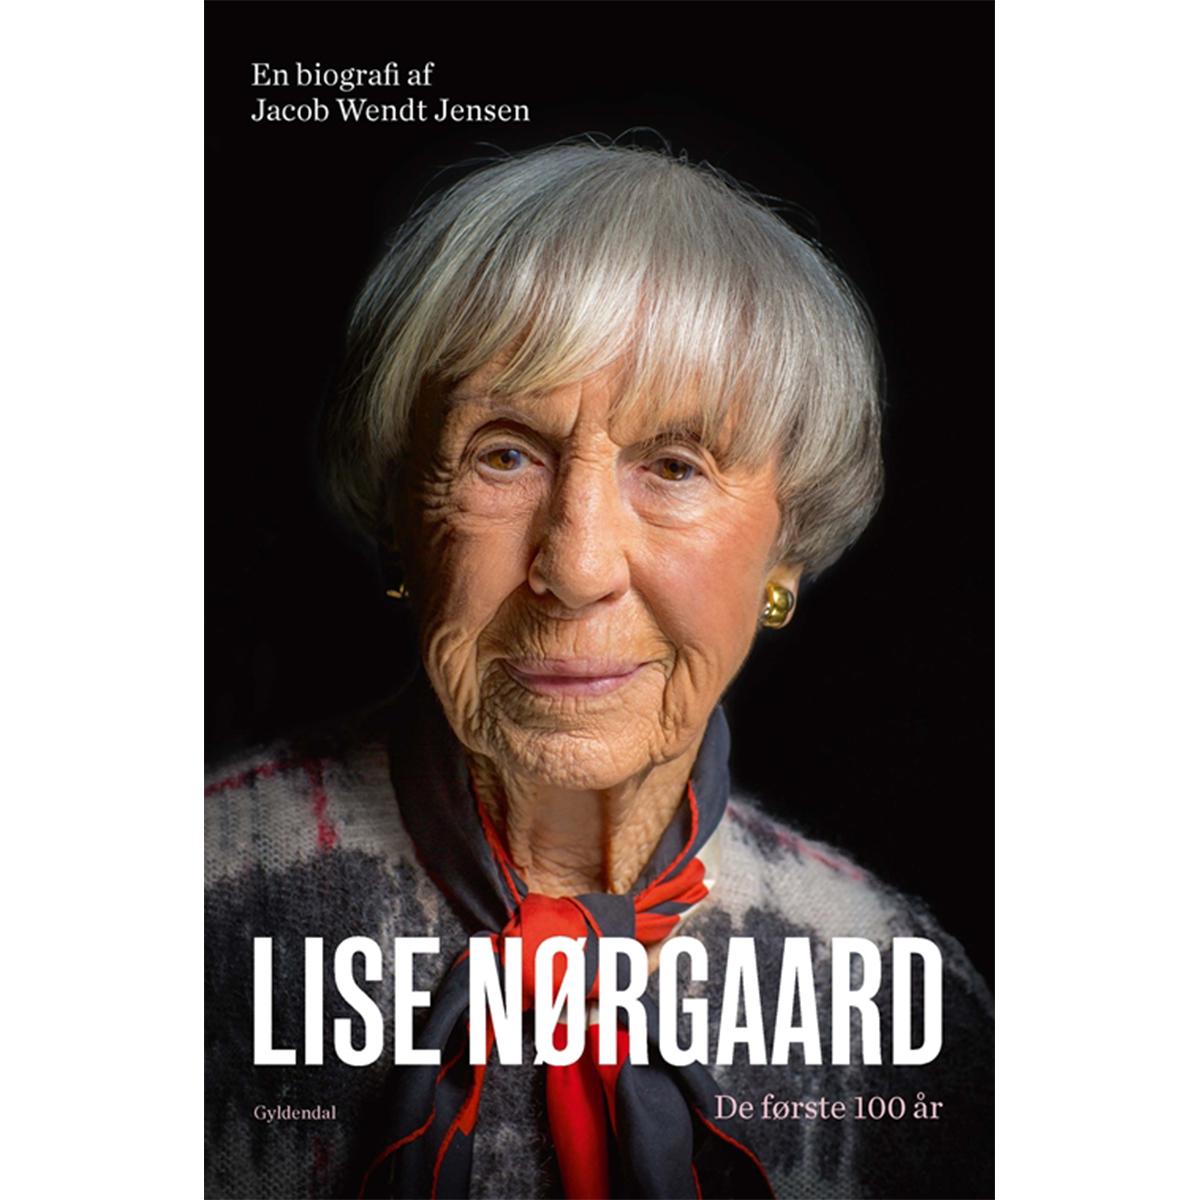 Lise Nørgaard - De første 100 år - Indbundet